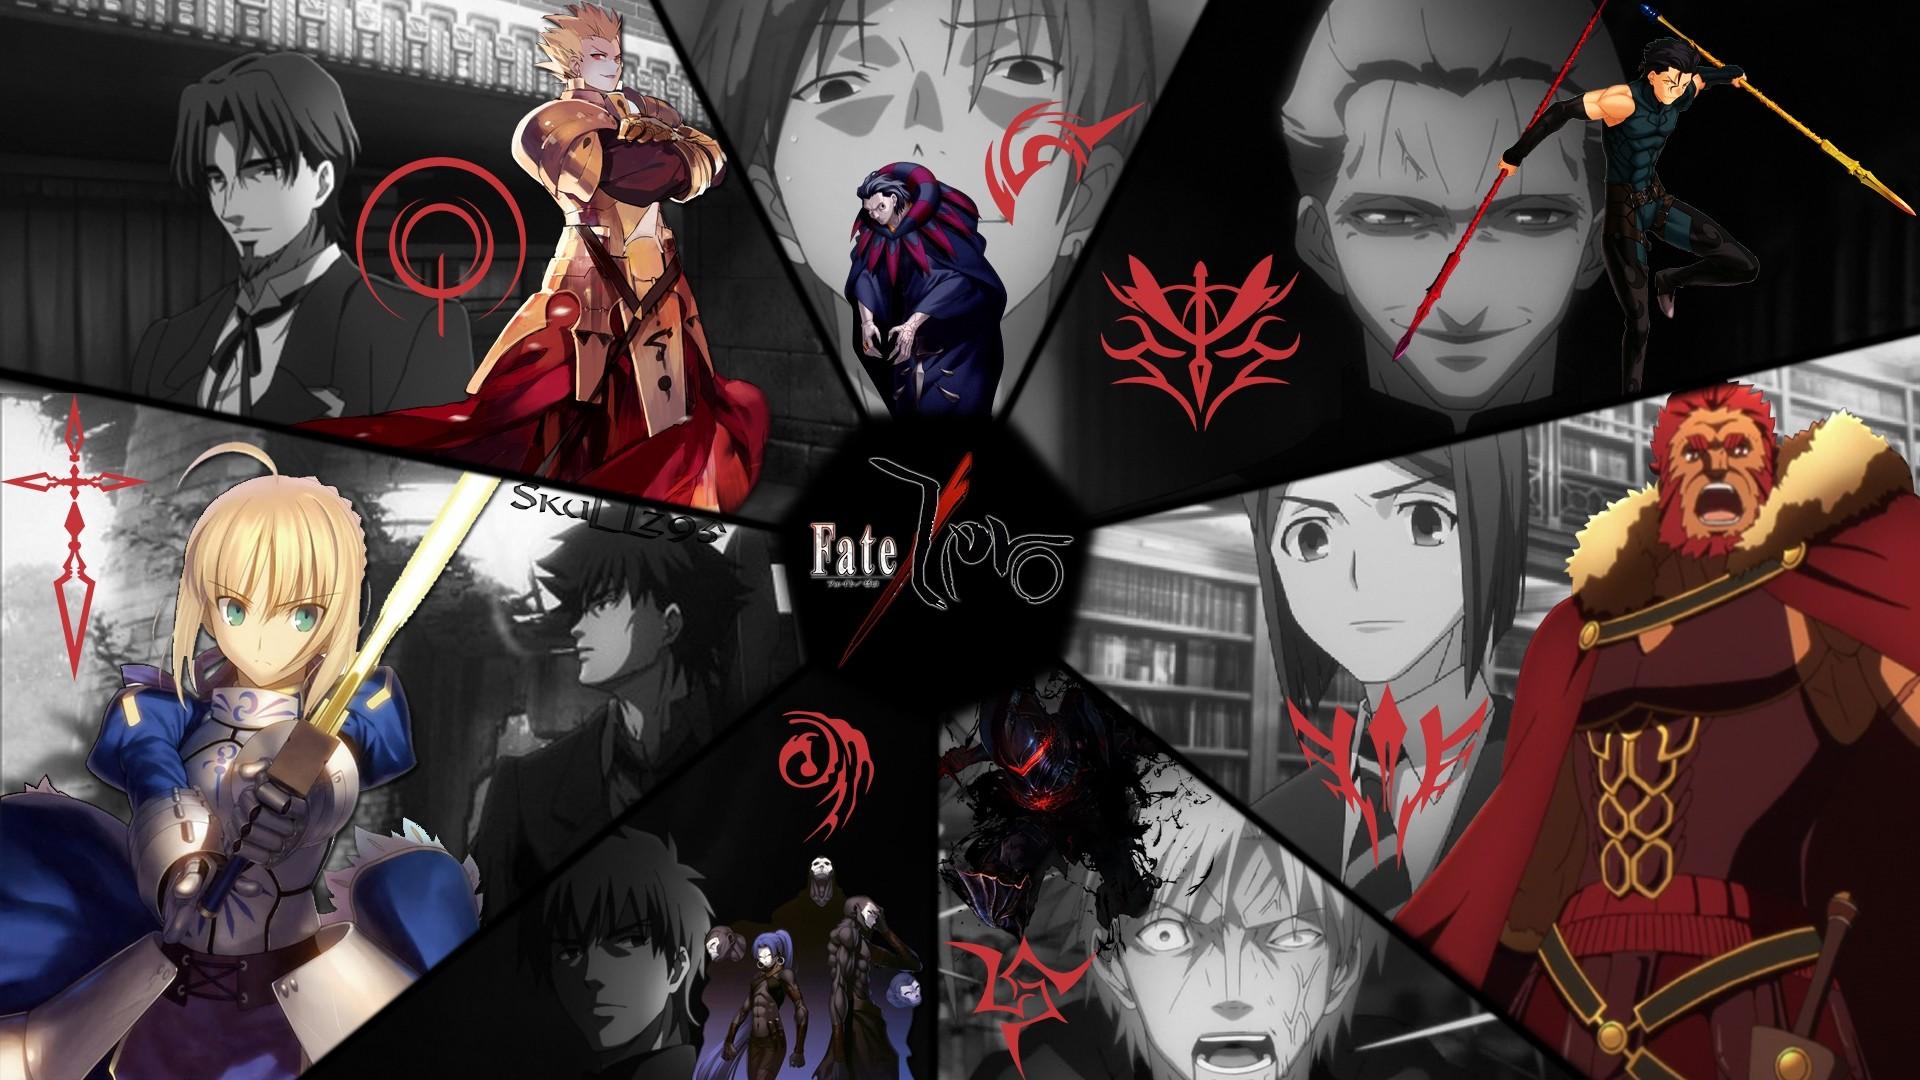 Fate Zero Pic